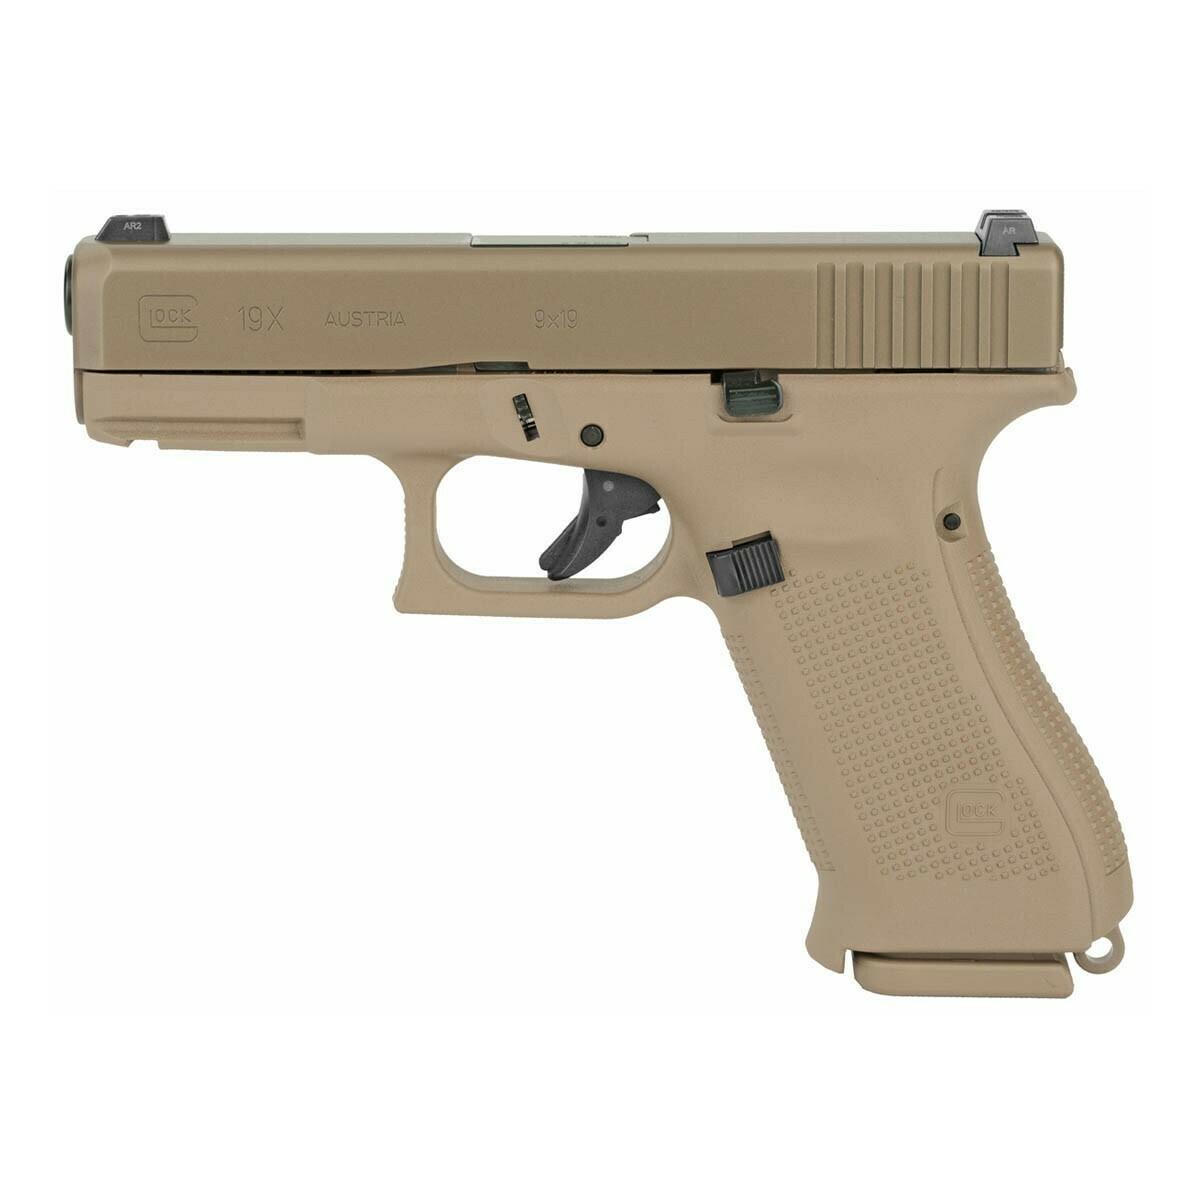 Glock 19X 9mm FDE